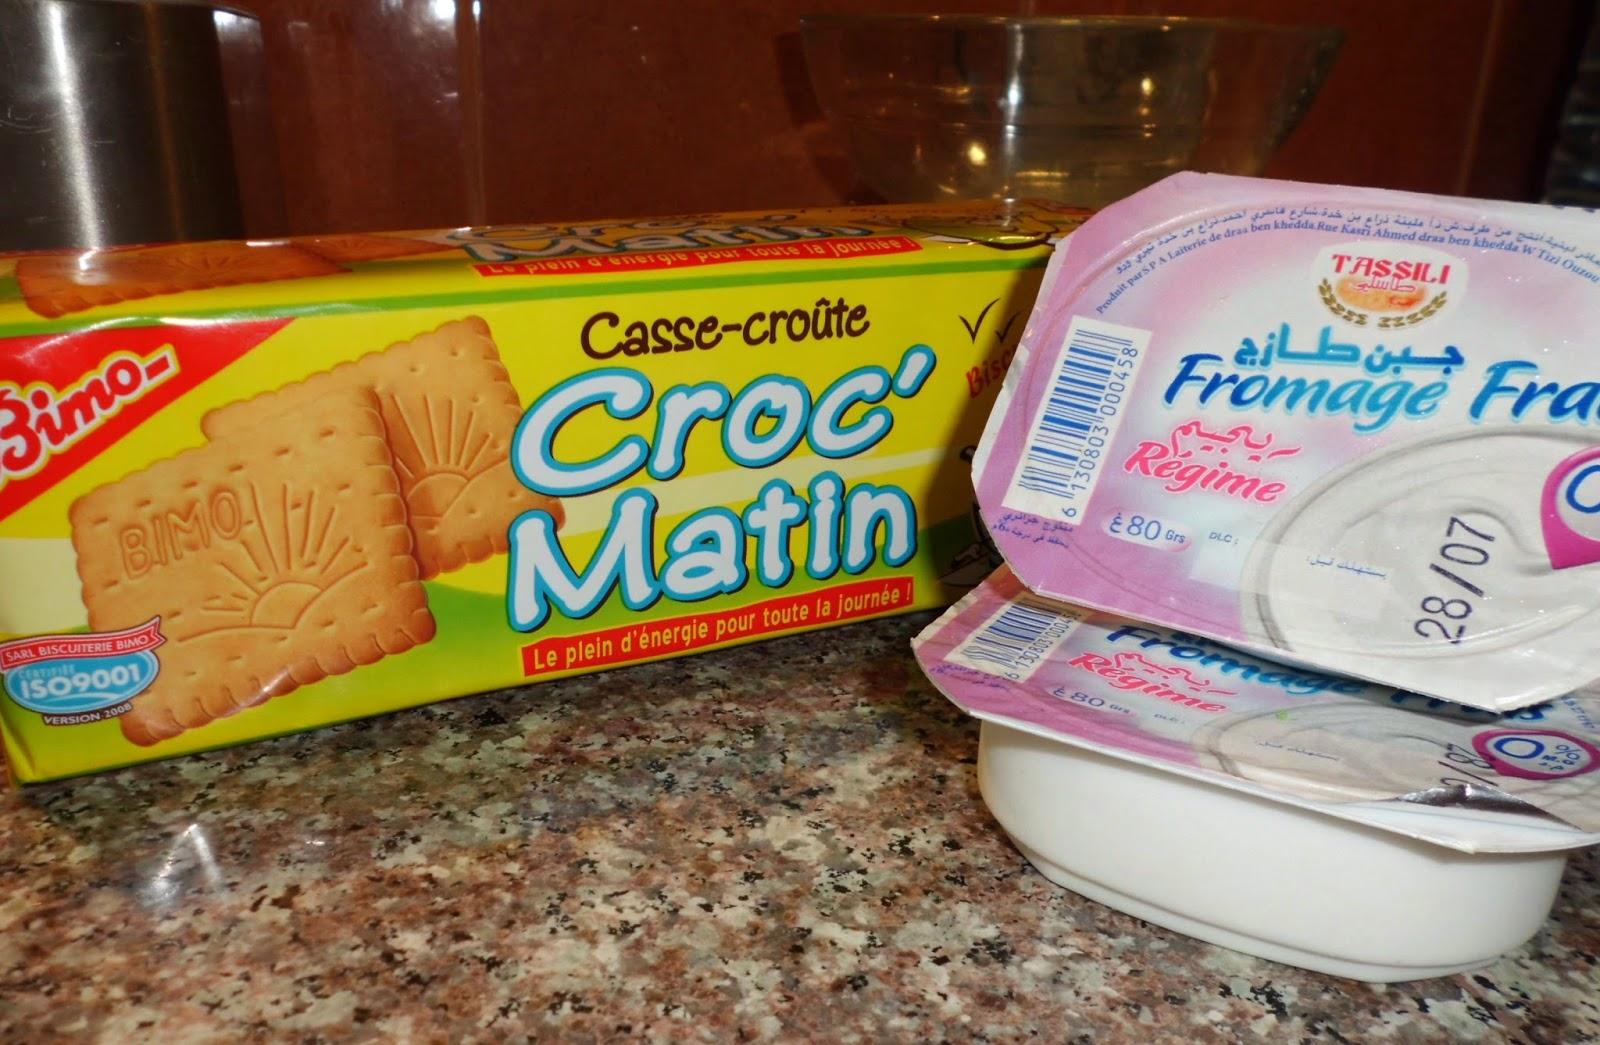 Voici le biscuit de chez Bimo, et le fromage frais Tassili.